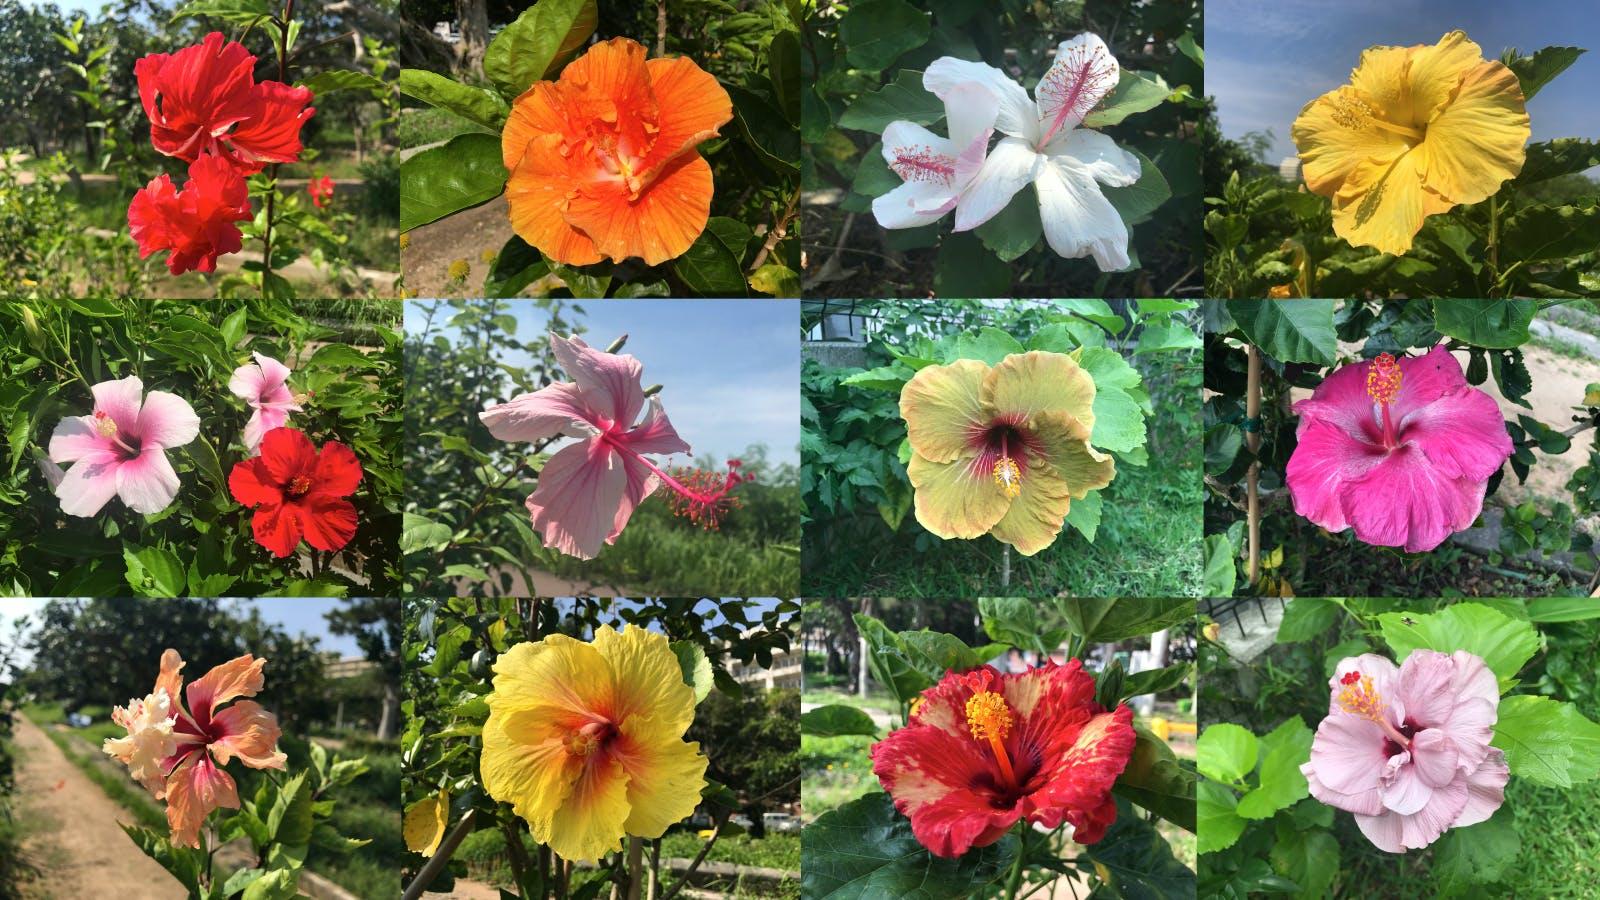 支援金1,000円で沖縄産の可愛らしく咲くハイビスカスの写真をランダムに3枚プレゼント!